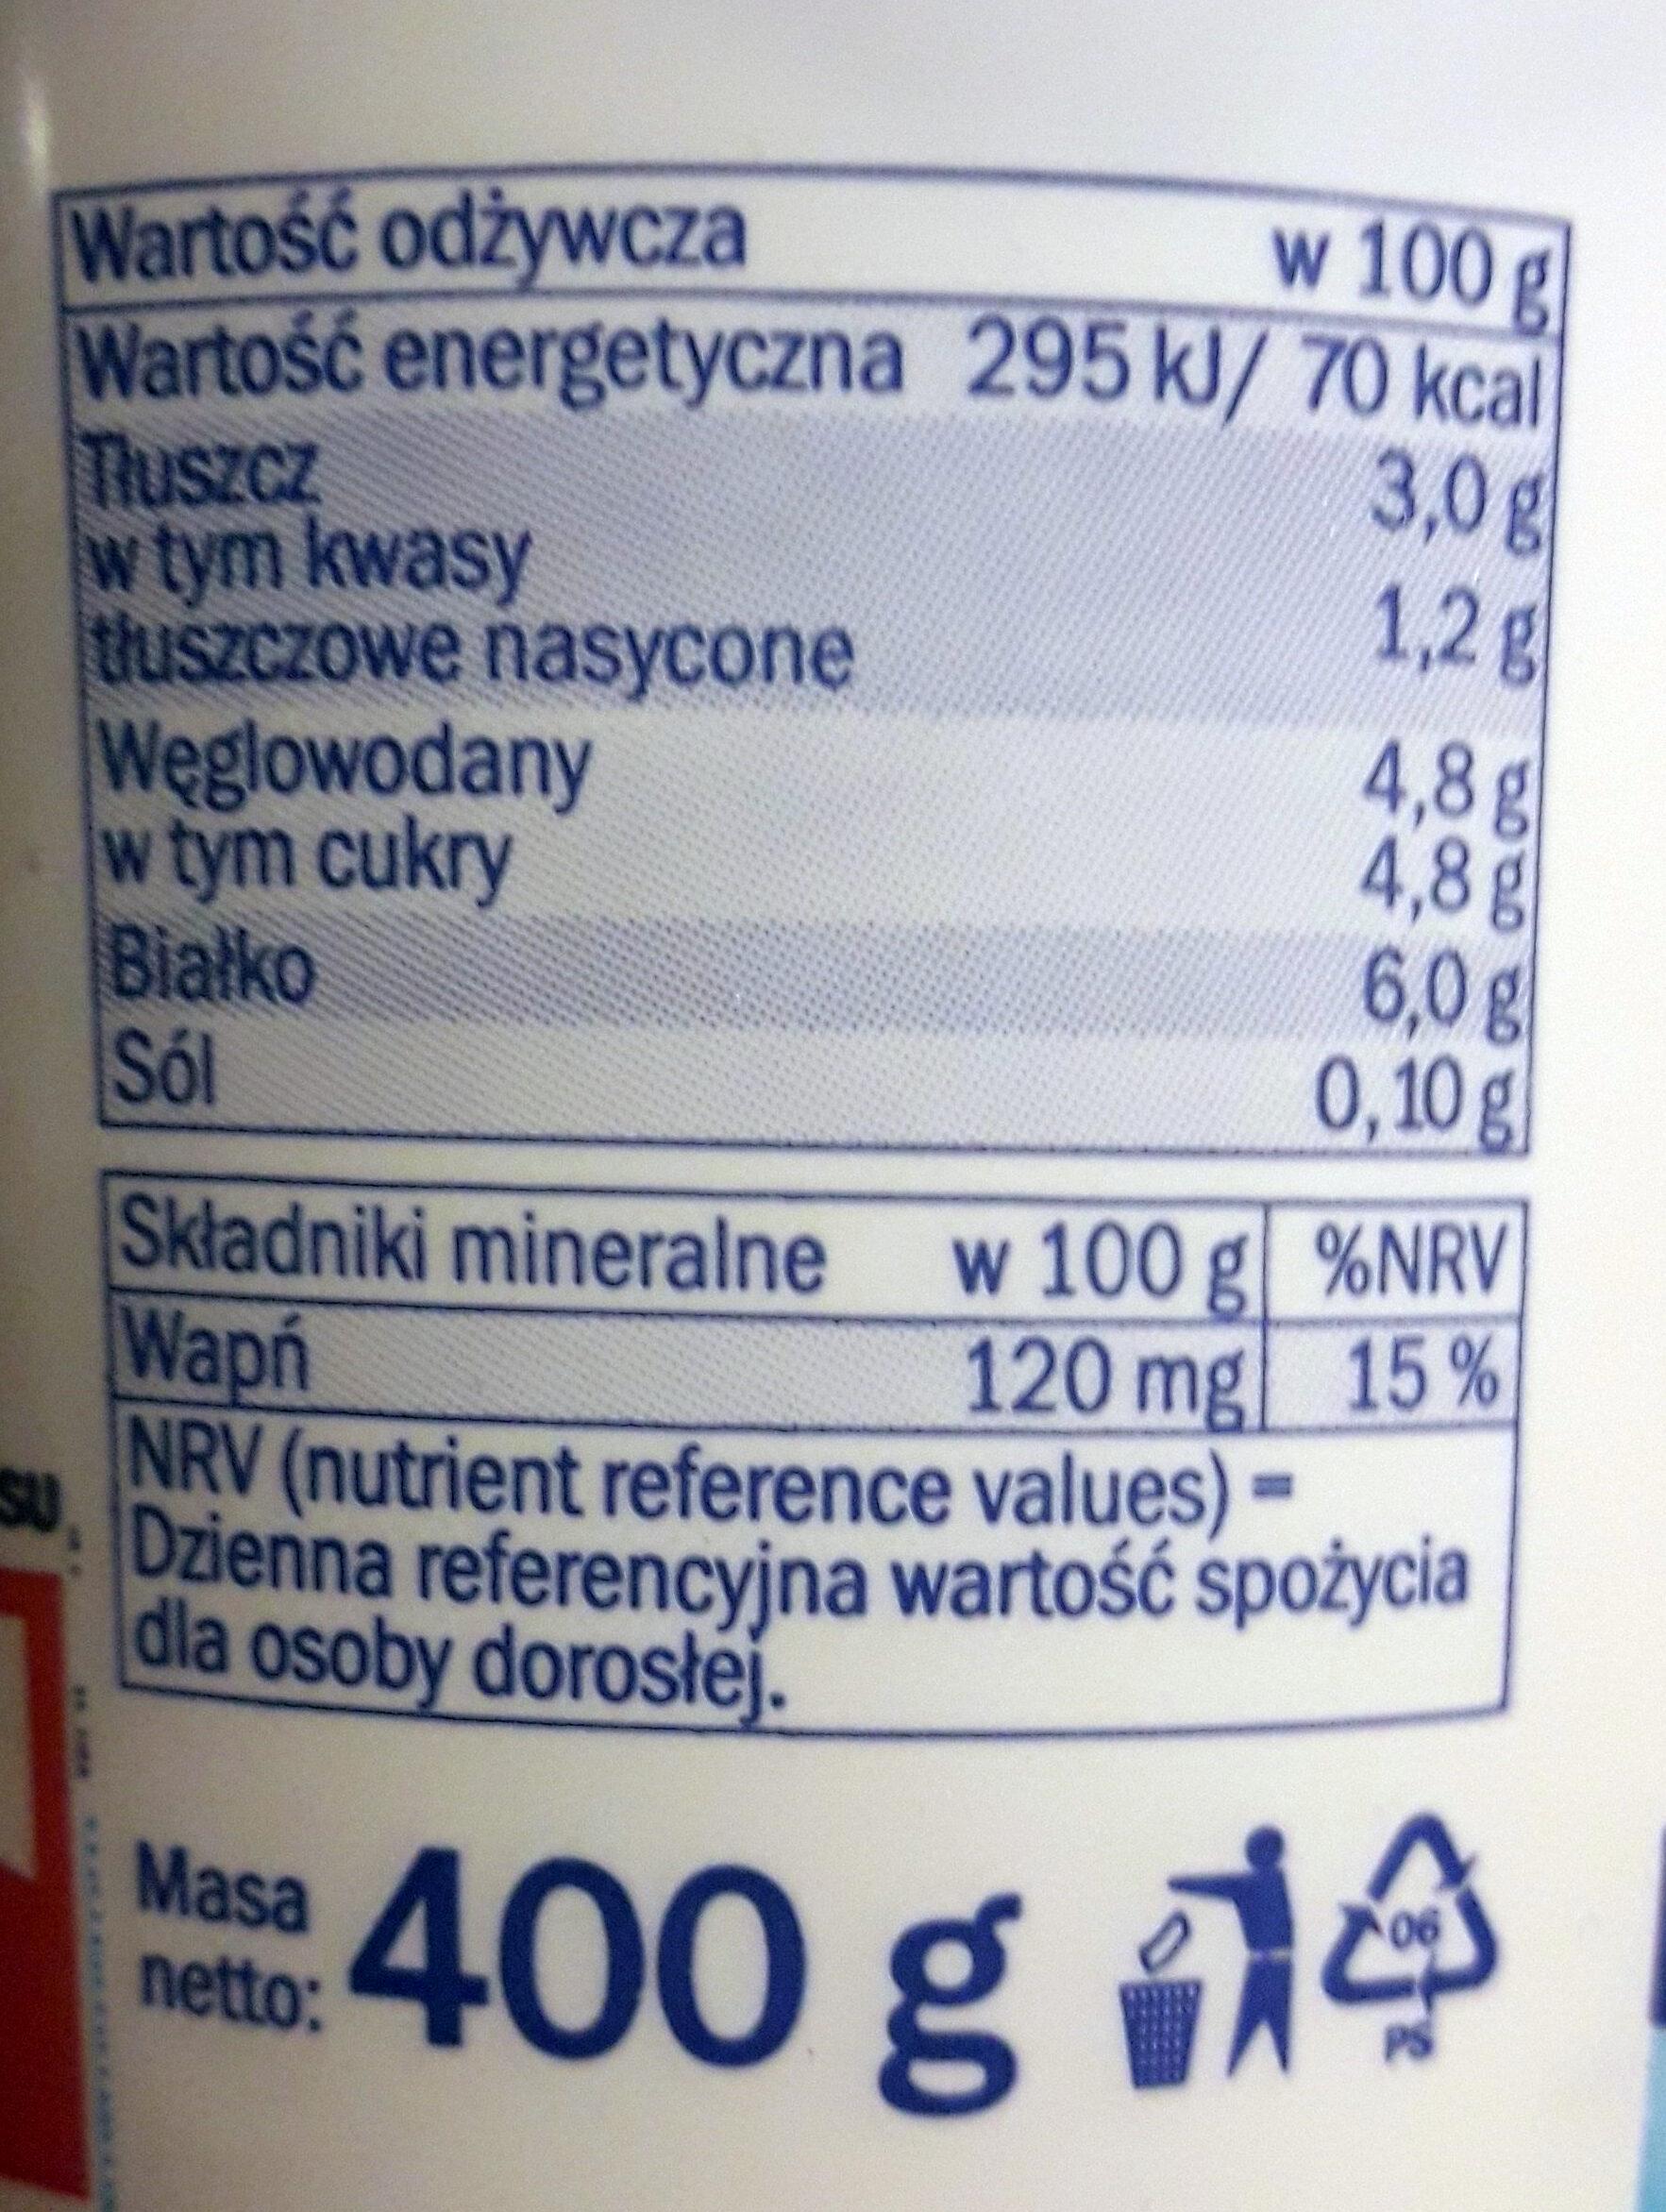 Jogurt naturalny kremowy - Wartości odżywcze